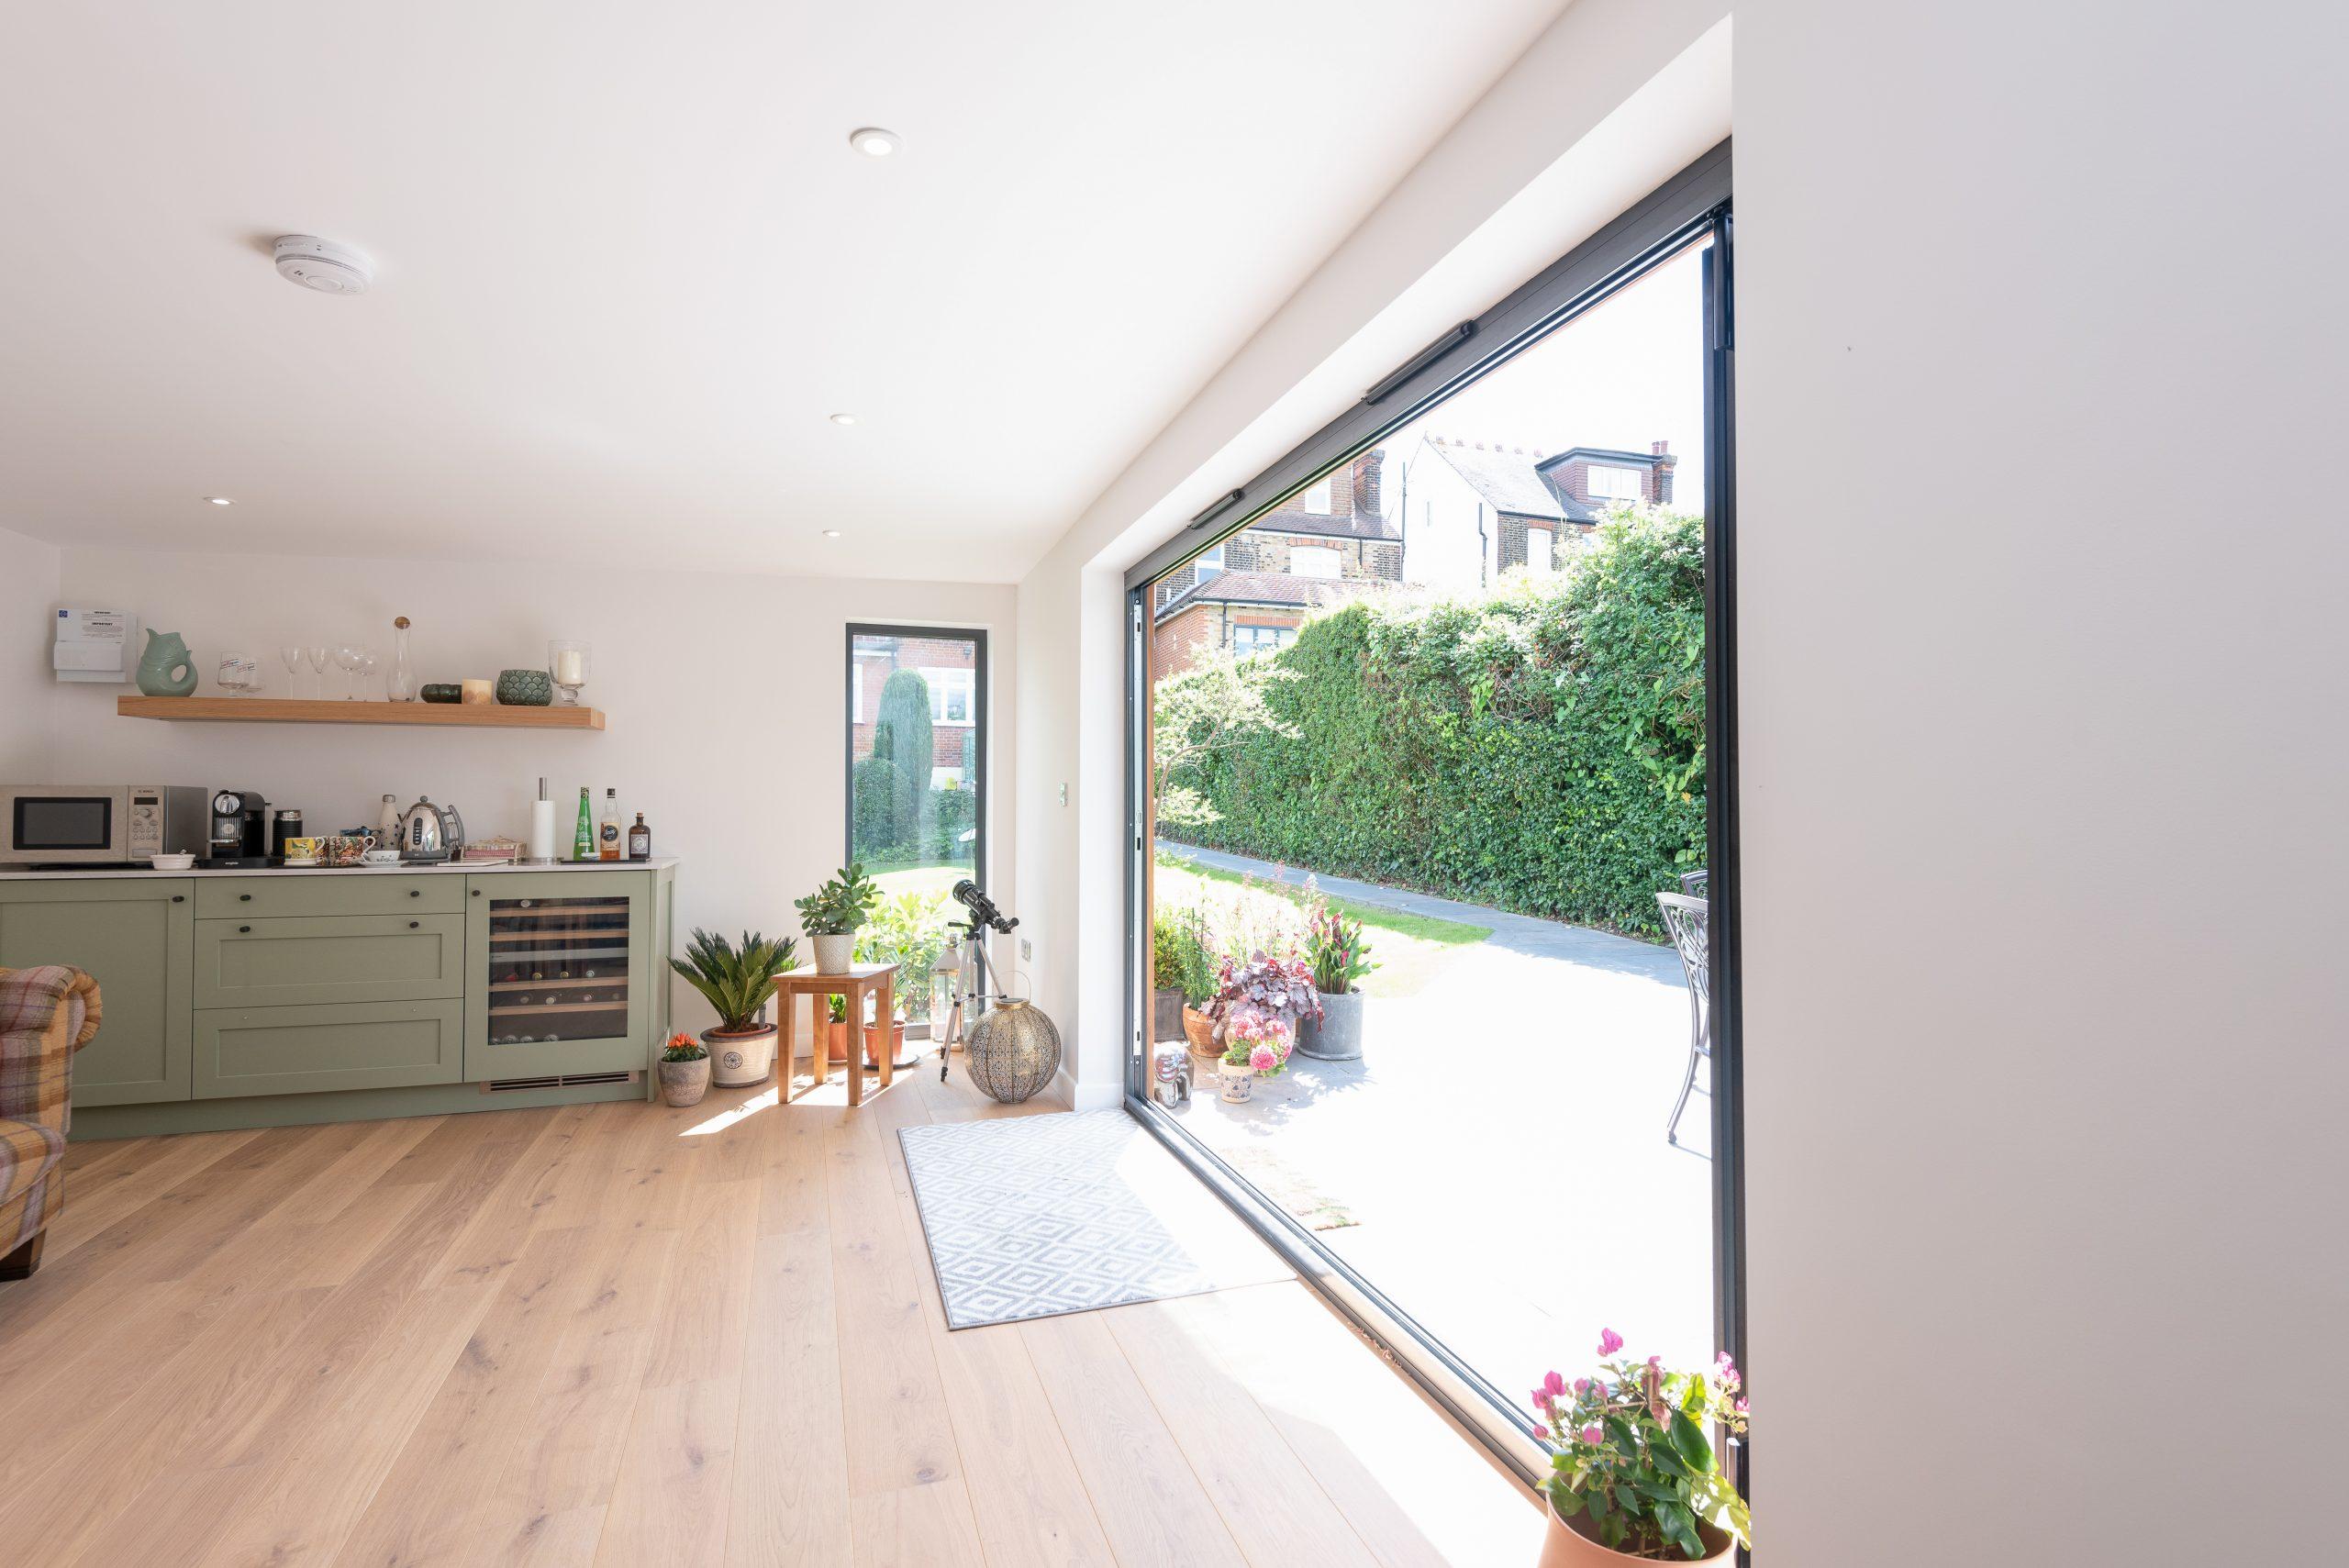 Contemporary garden room design